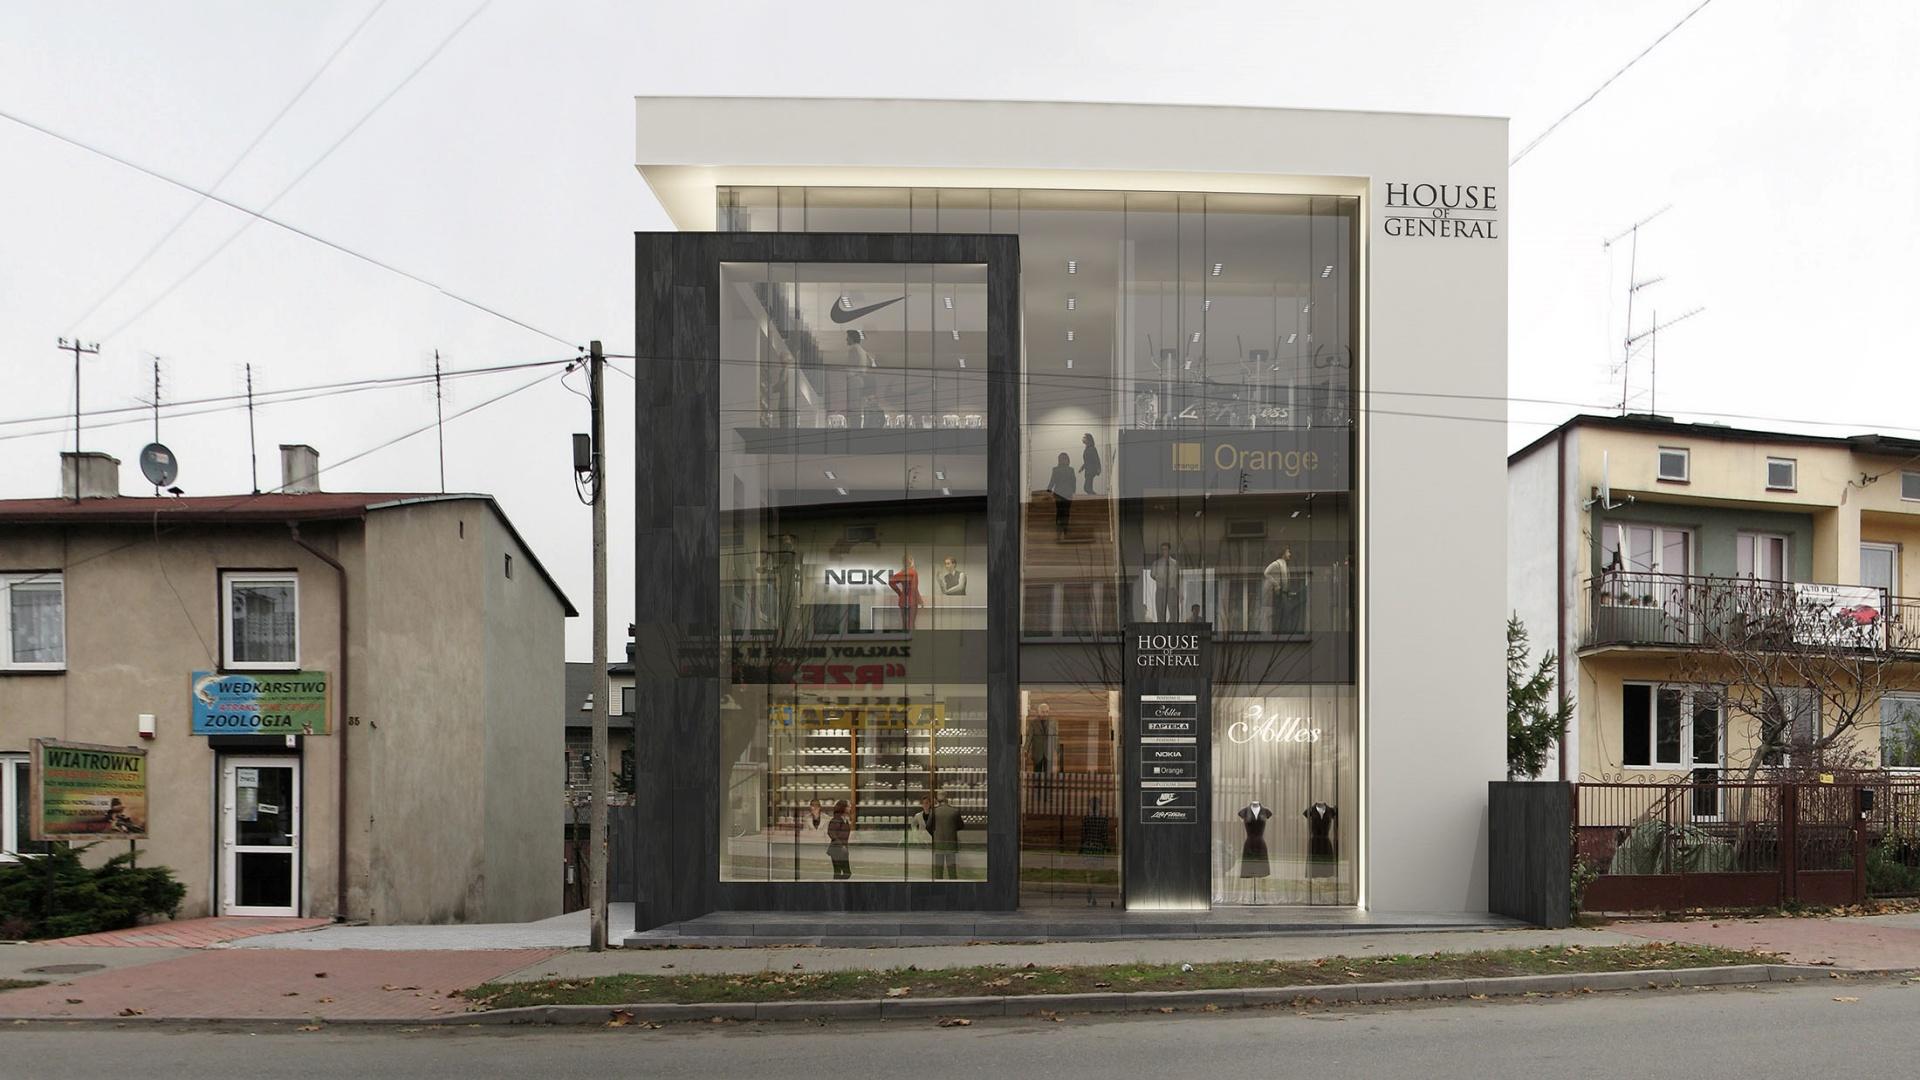 Projekt wnętrz RE: HOUSE OF GENERAL projektu architekta Marcina Tomaszewskiego REFORM Architekt